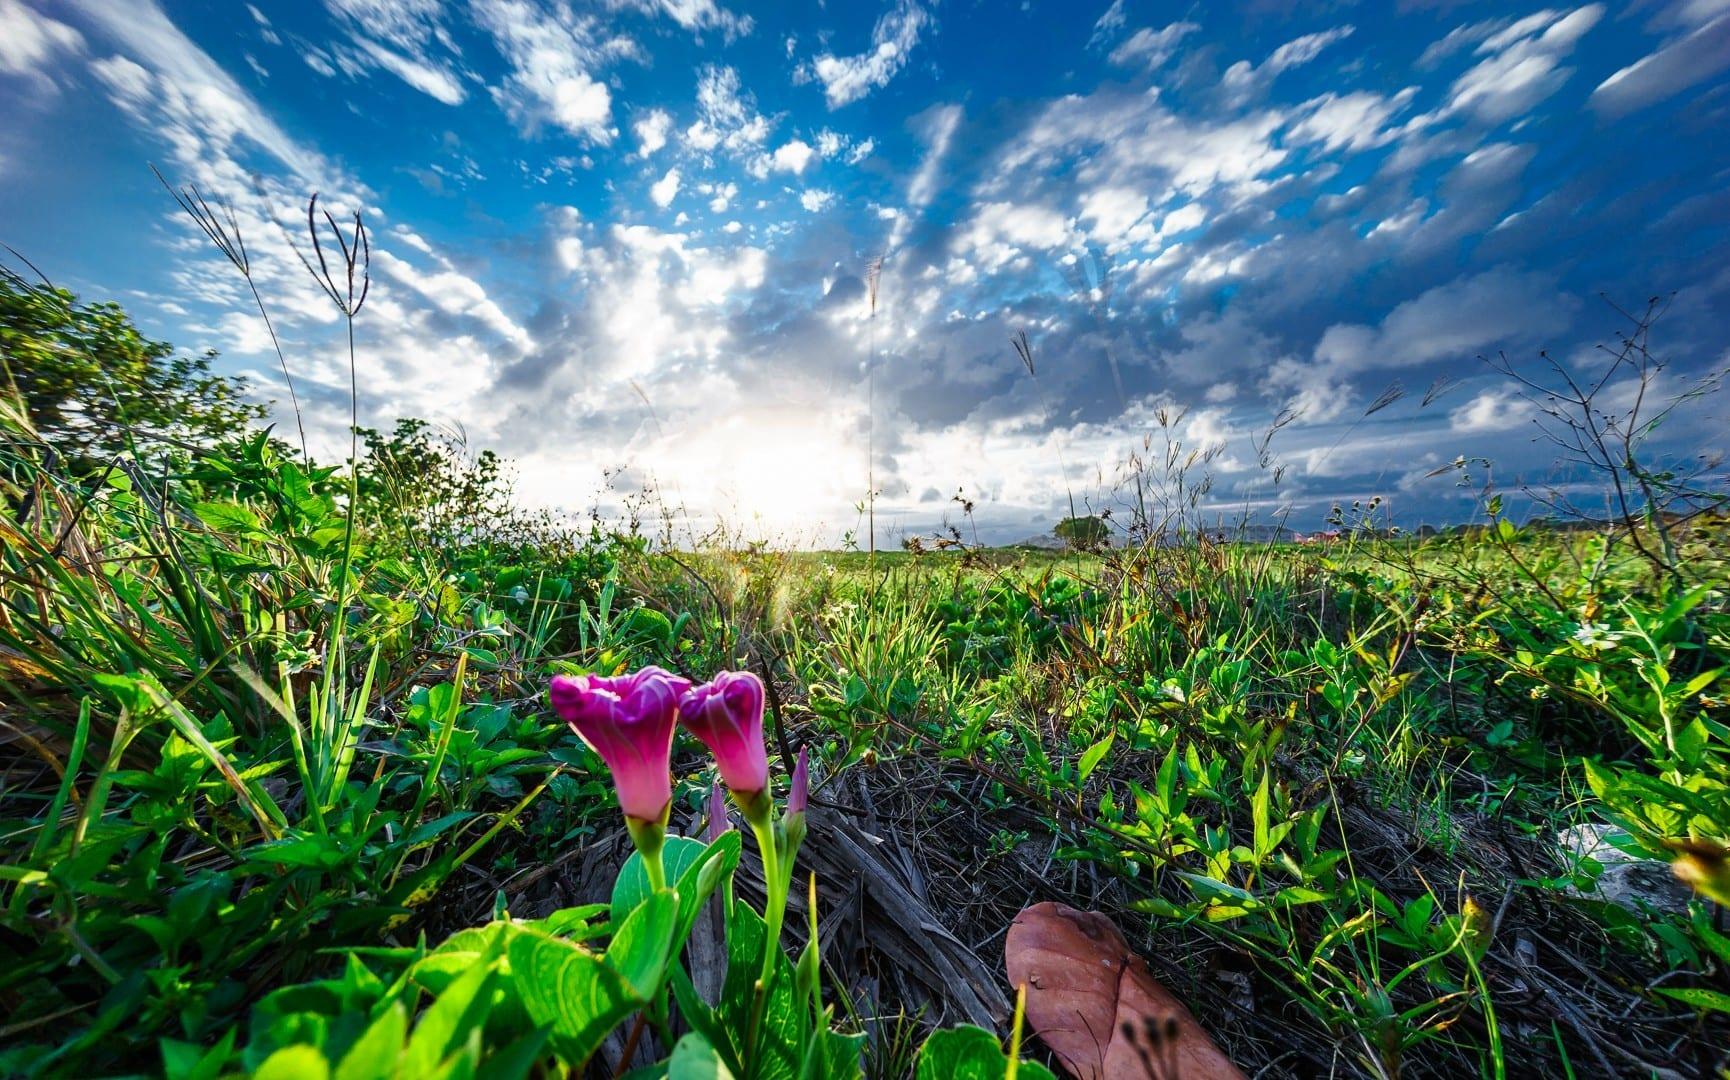 Flowers POV by Dmitry Bubis